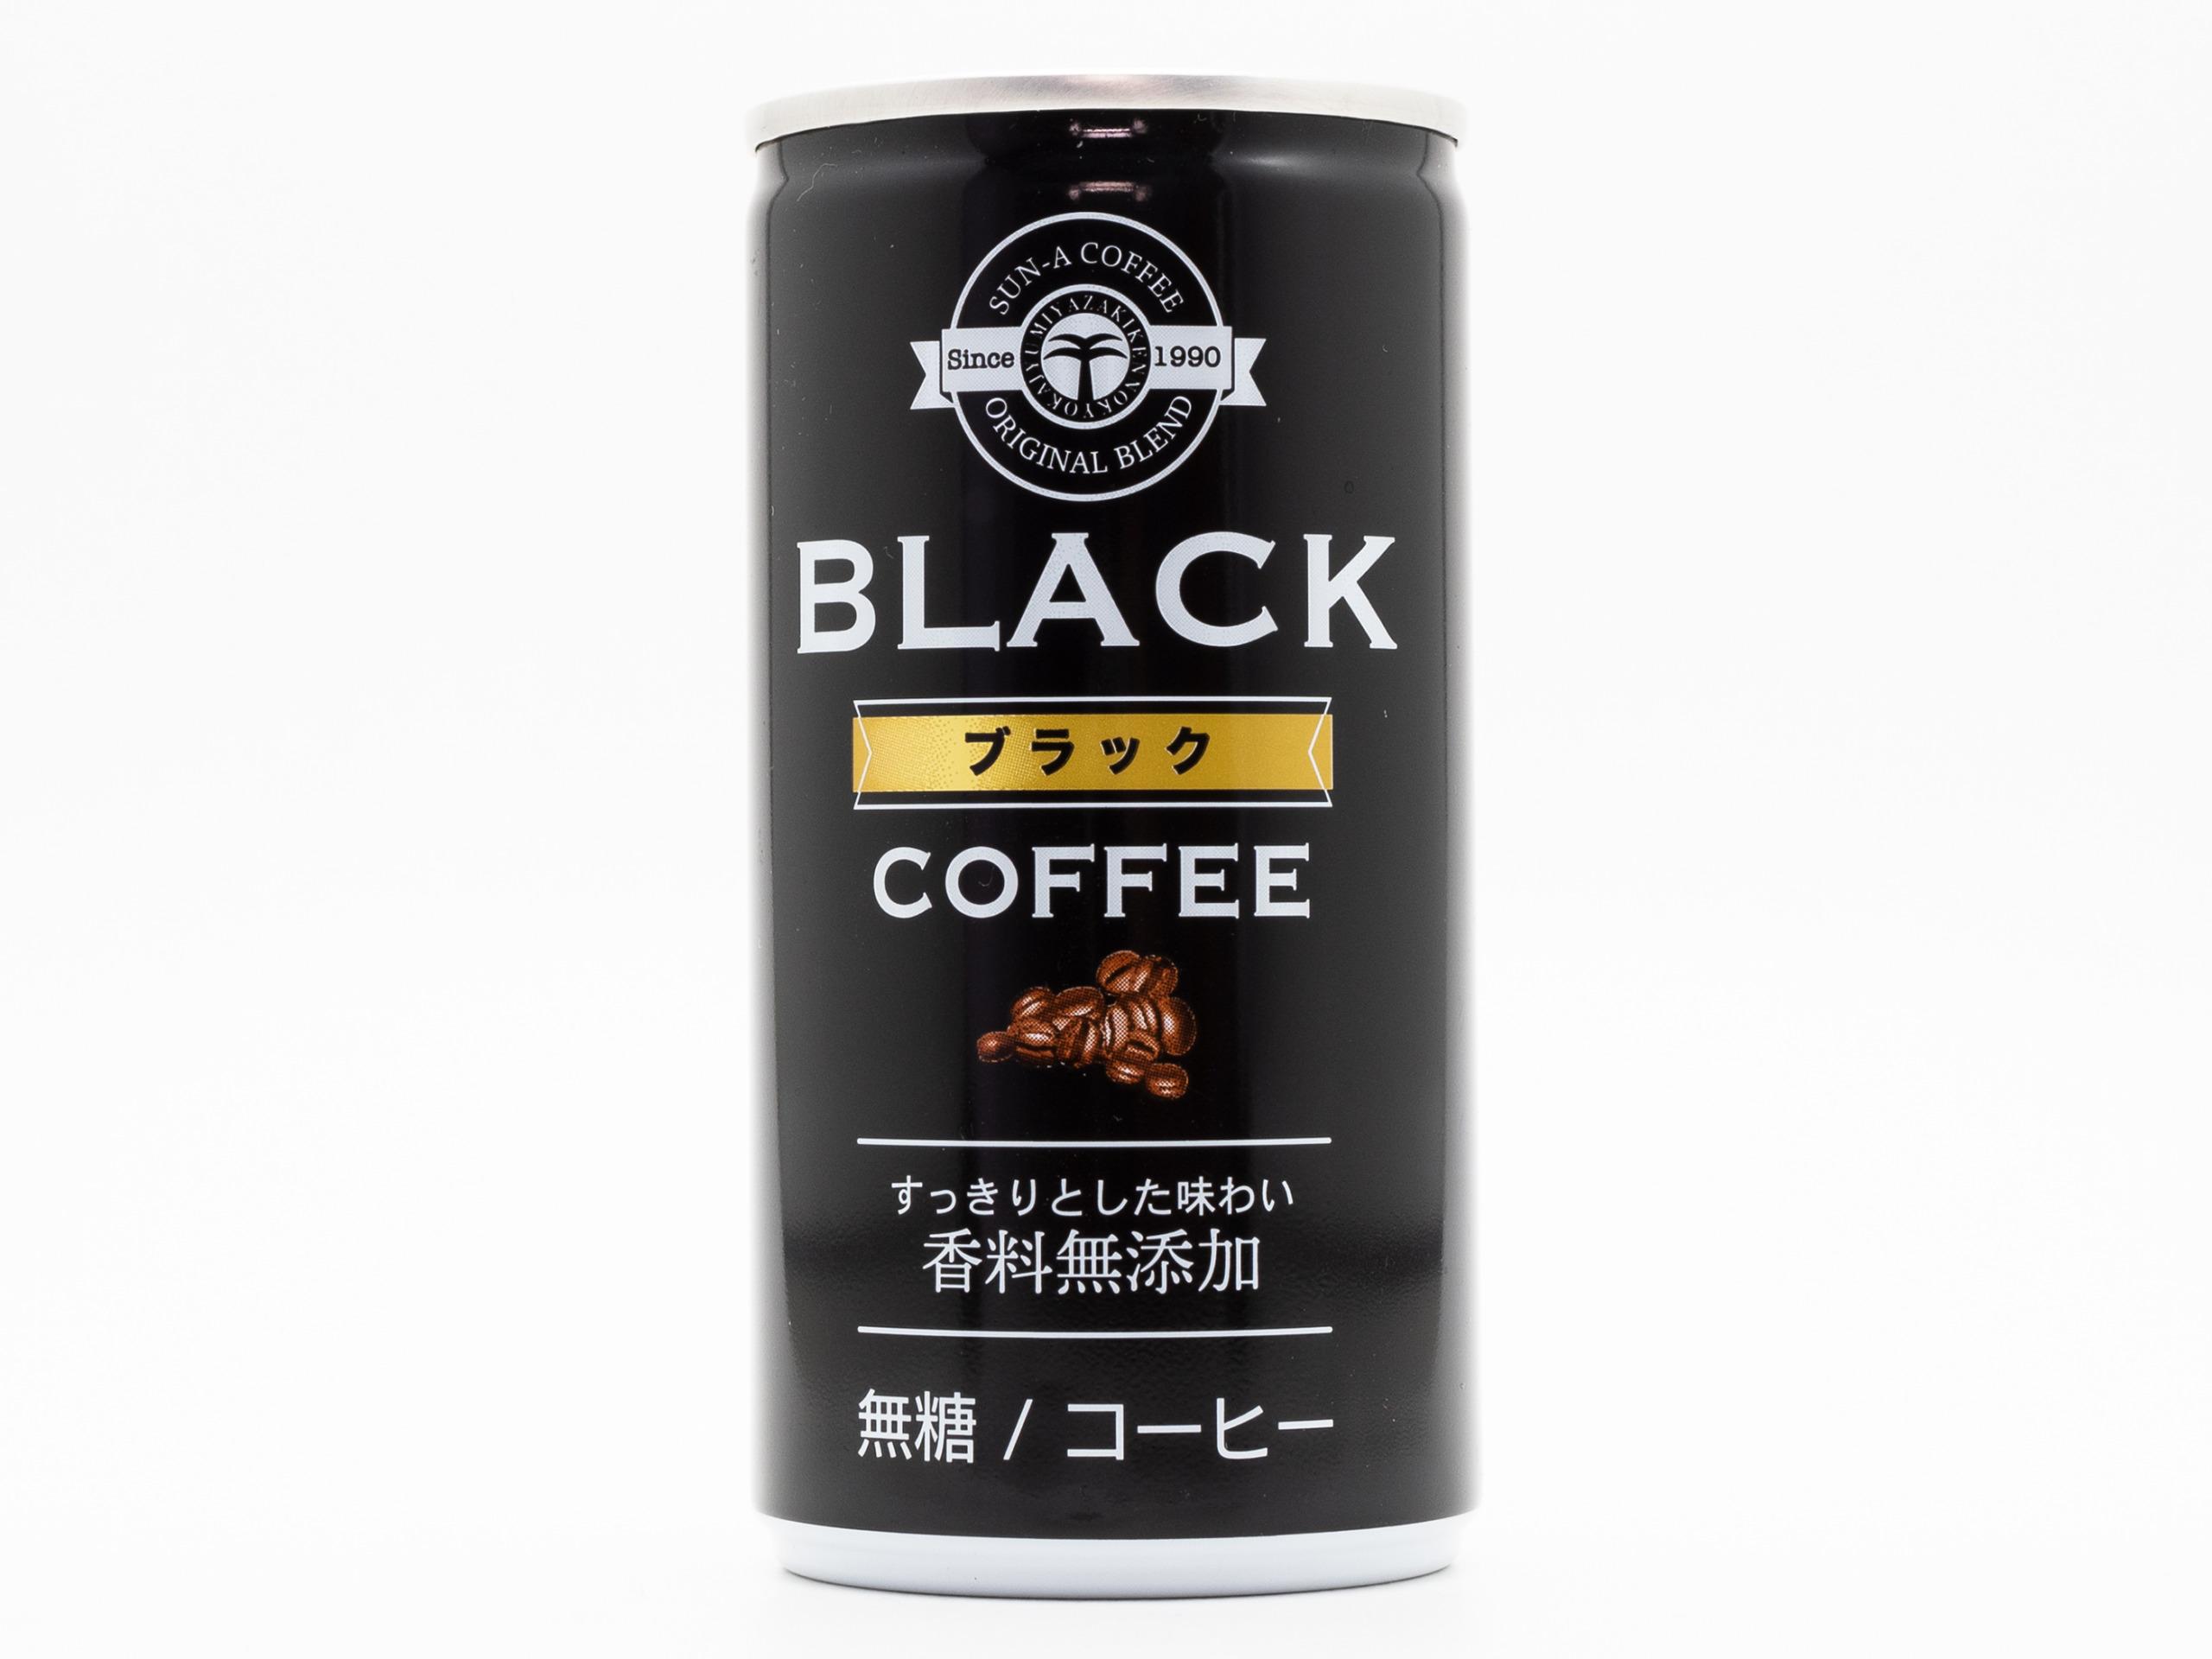 宮崎県農協果汁 ブラック無糖コーヒー